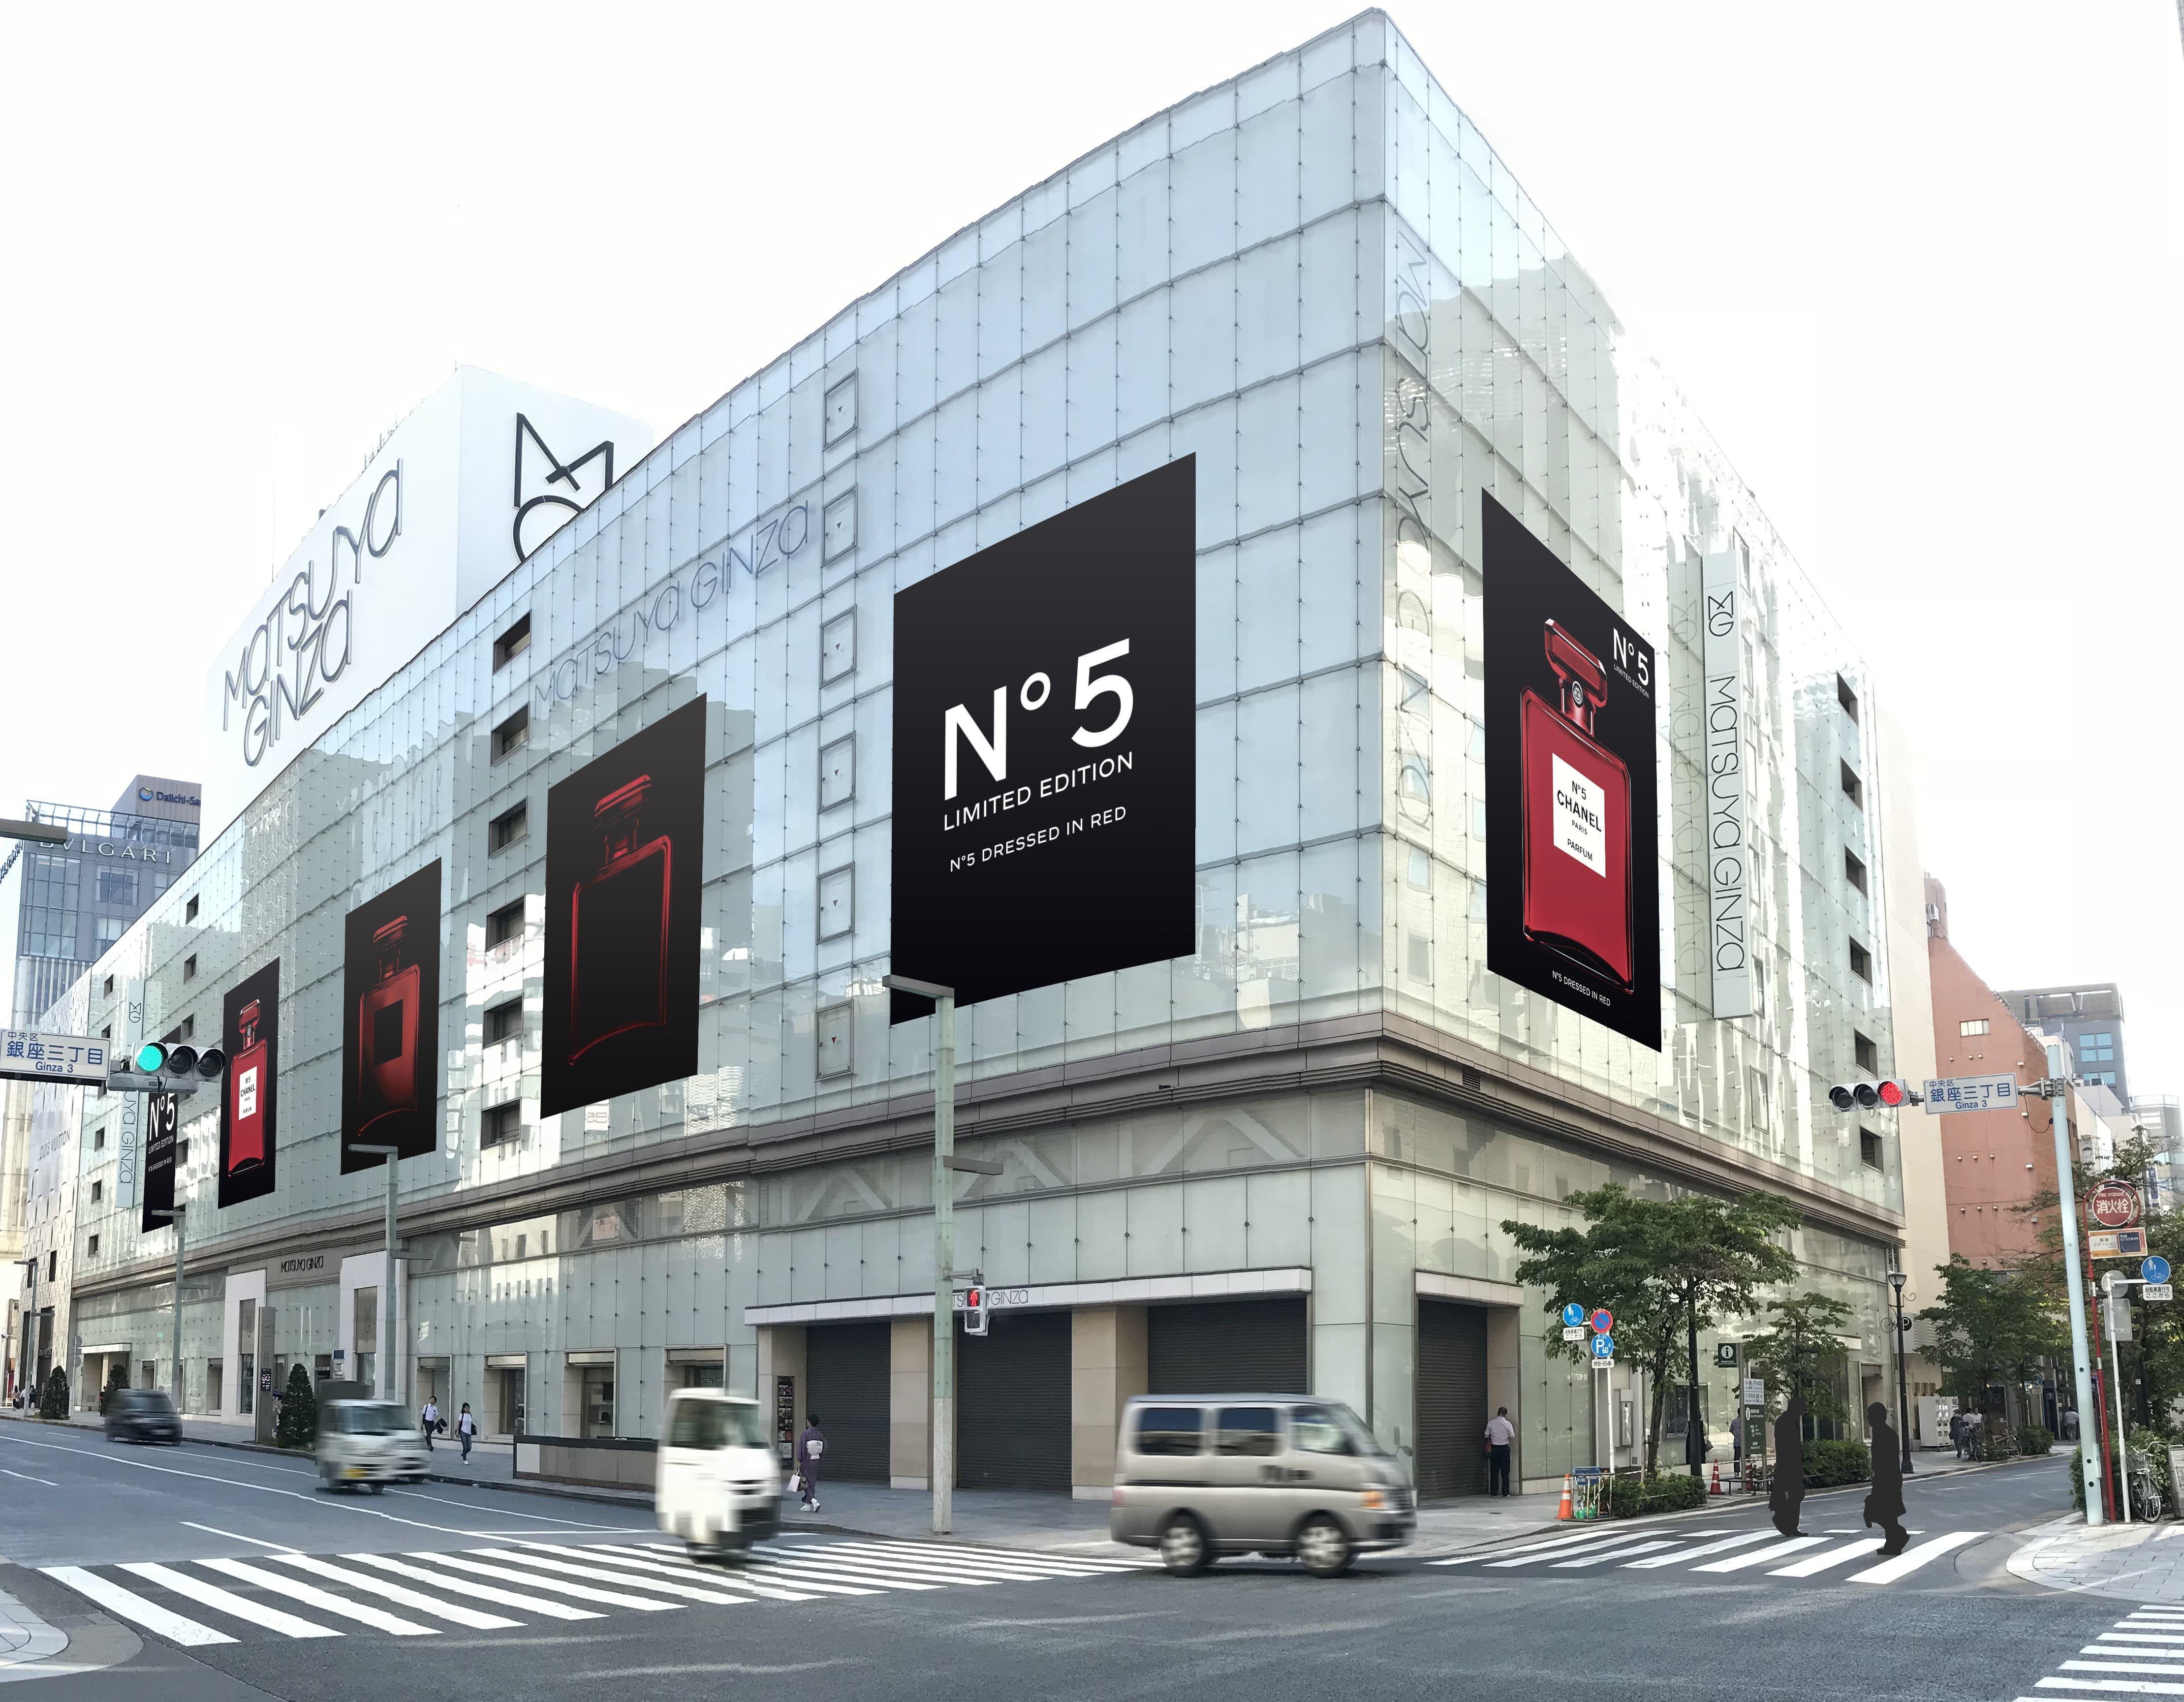 ファッション 松屋銀座で広告キャンペーン